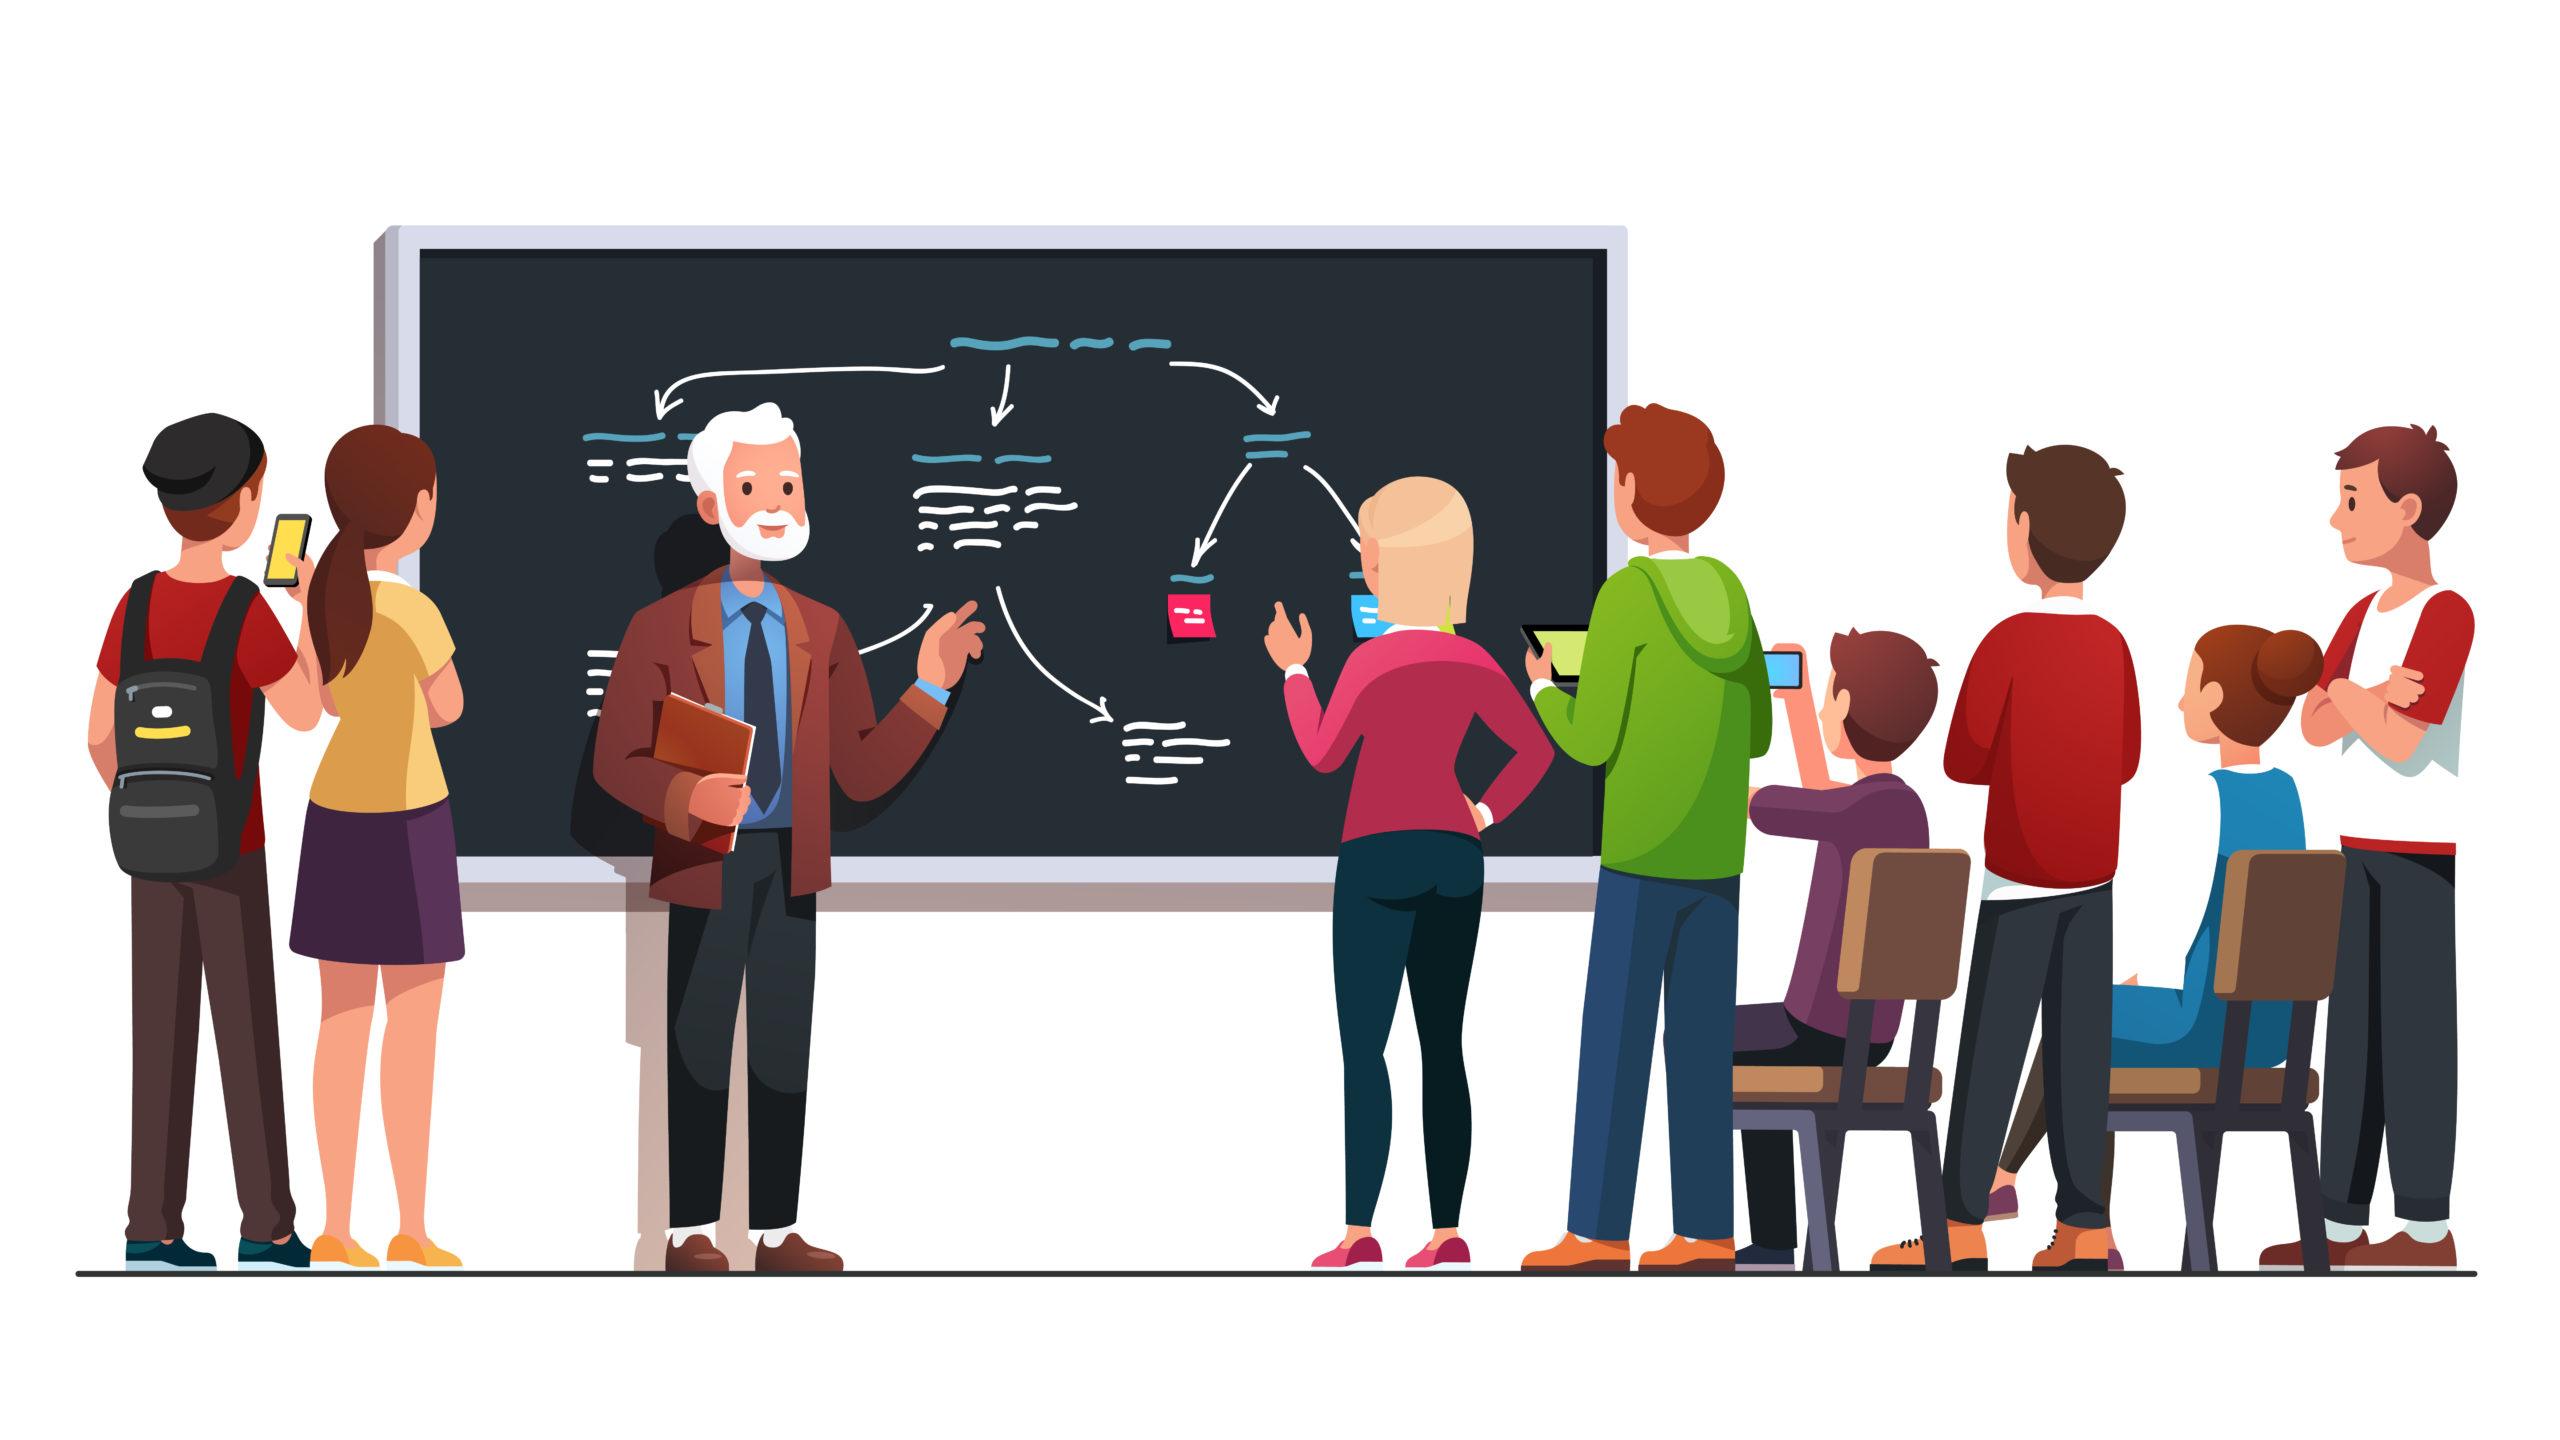 ・小論文指導に得意な先生と会話をする。